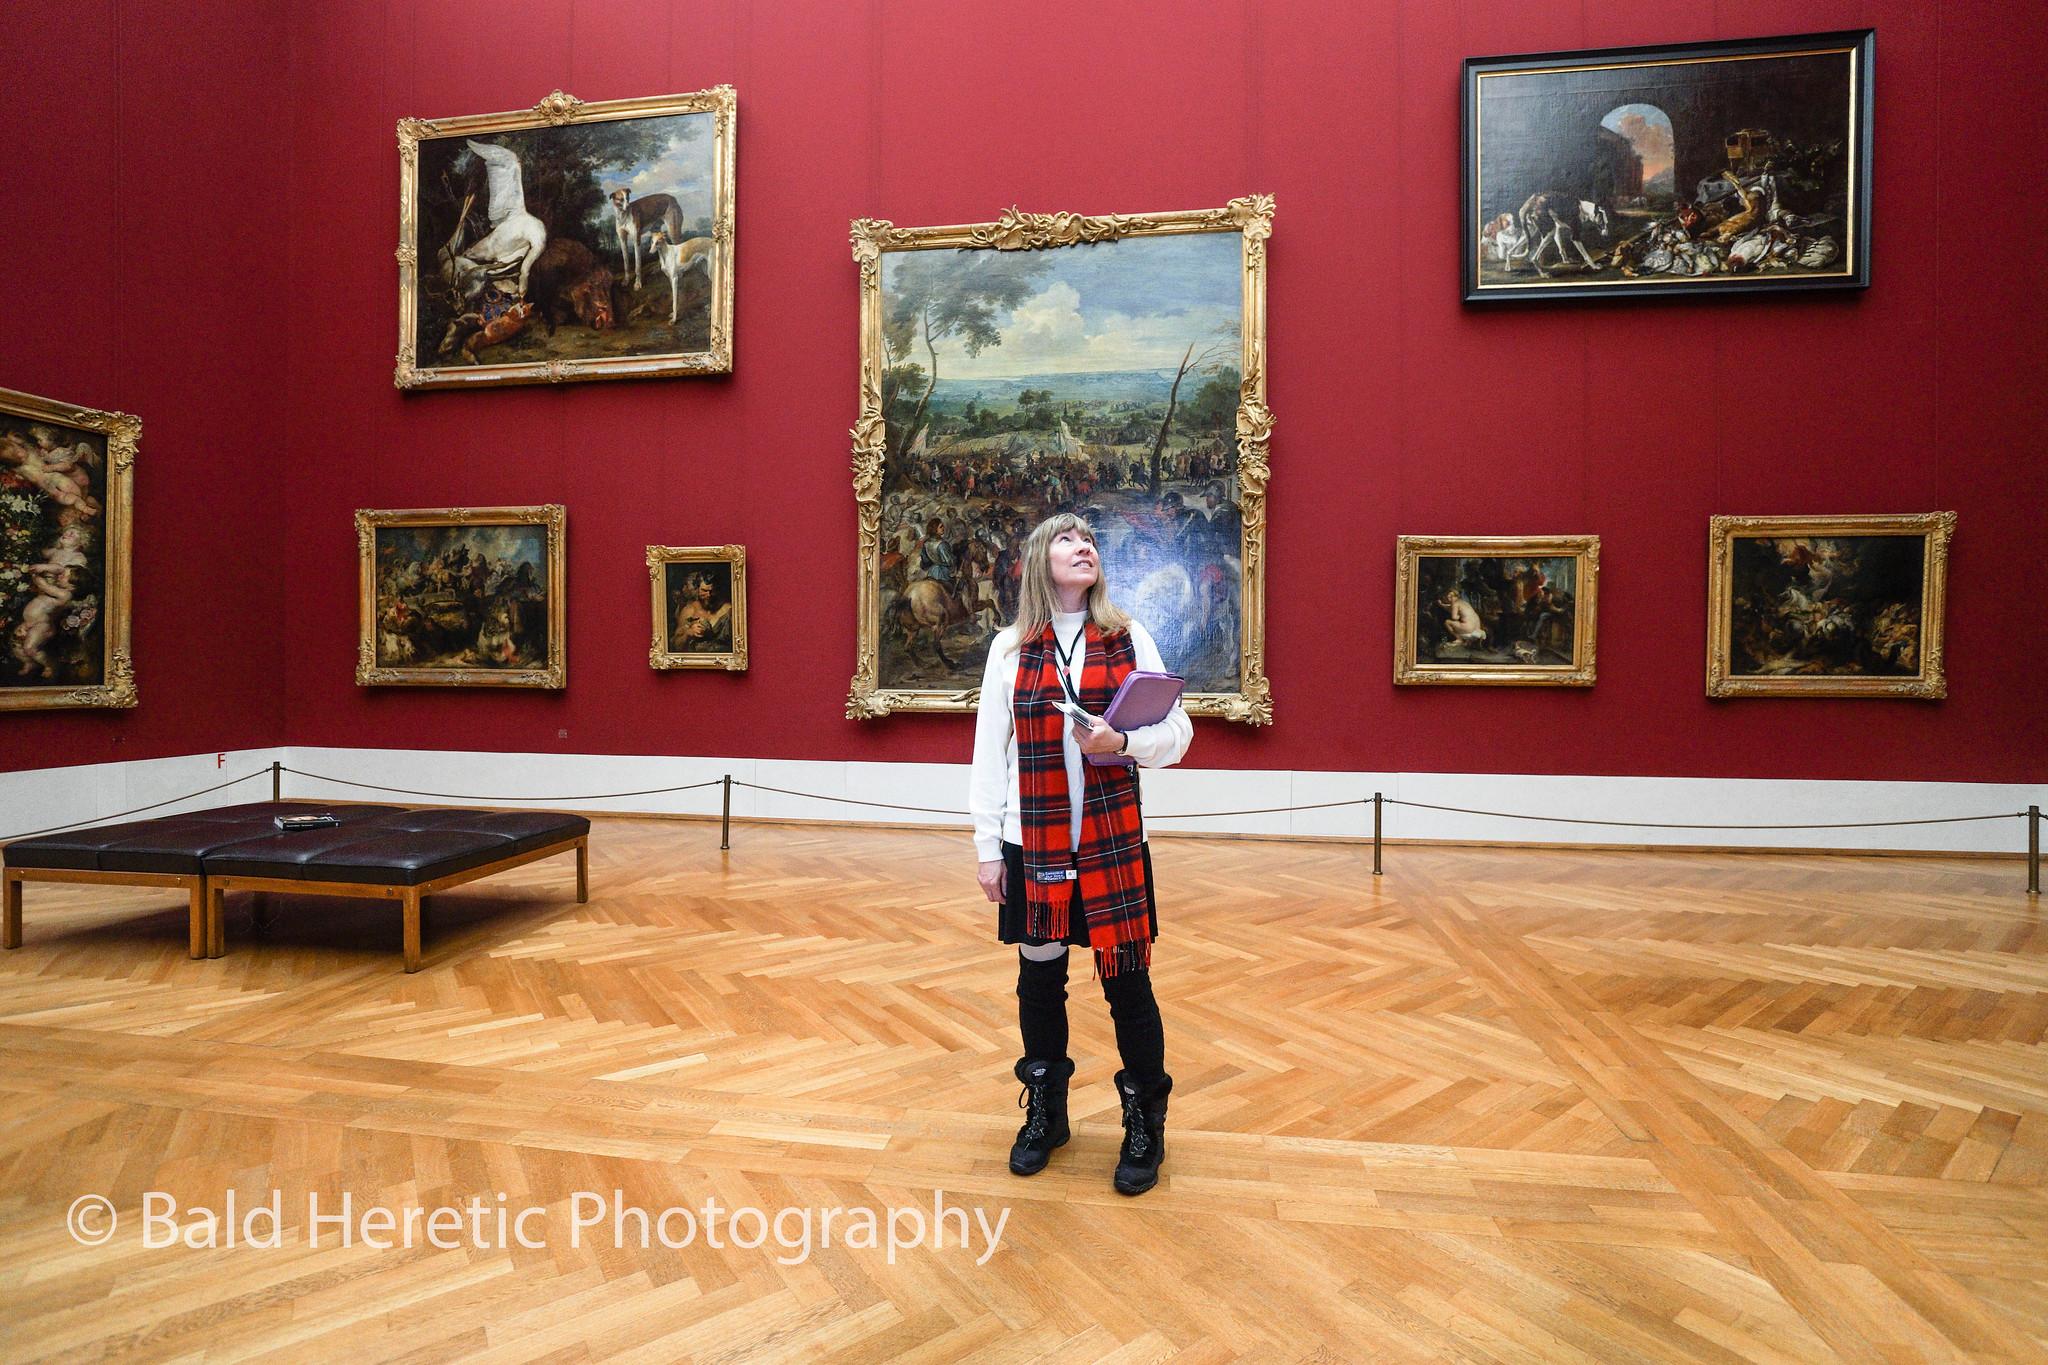 Cynthia @ The Alte Pinakothek